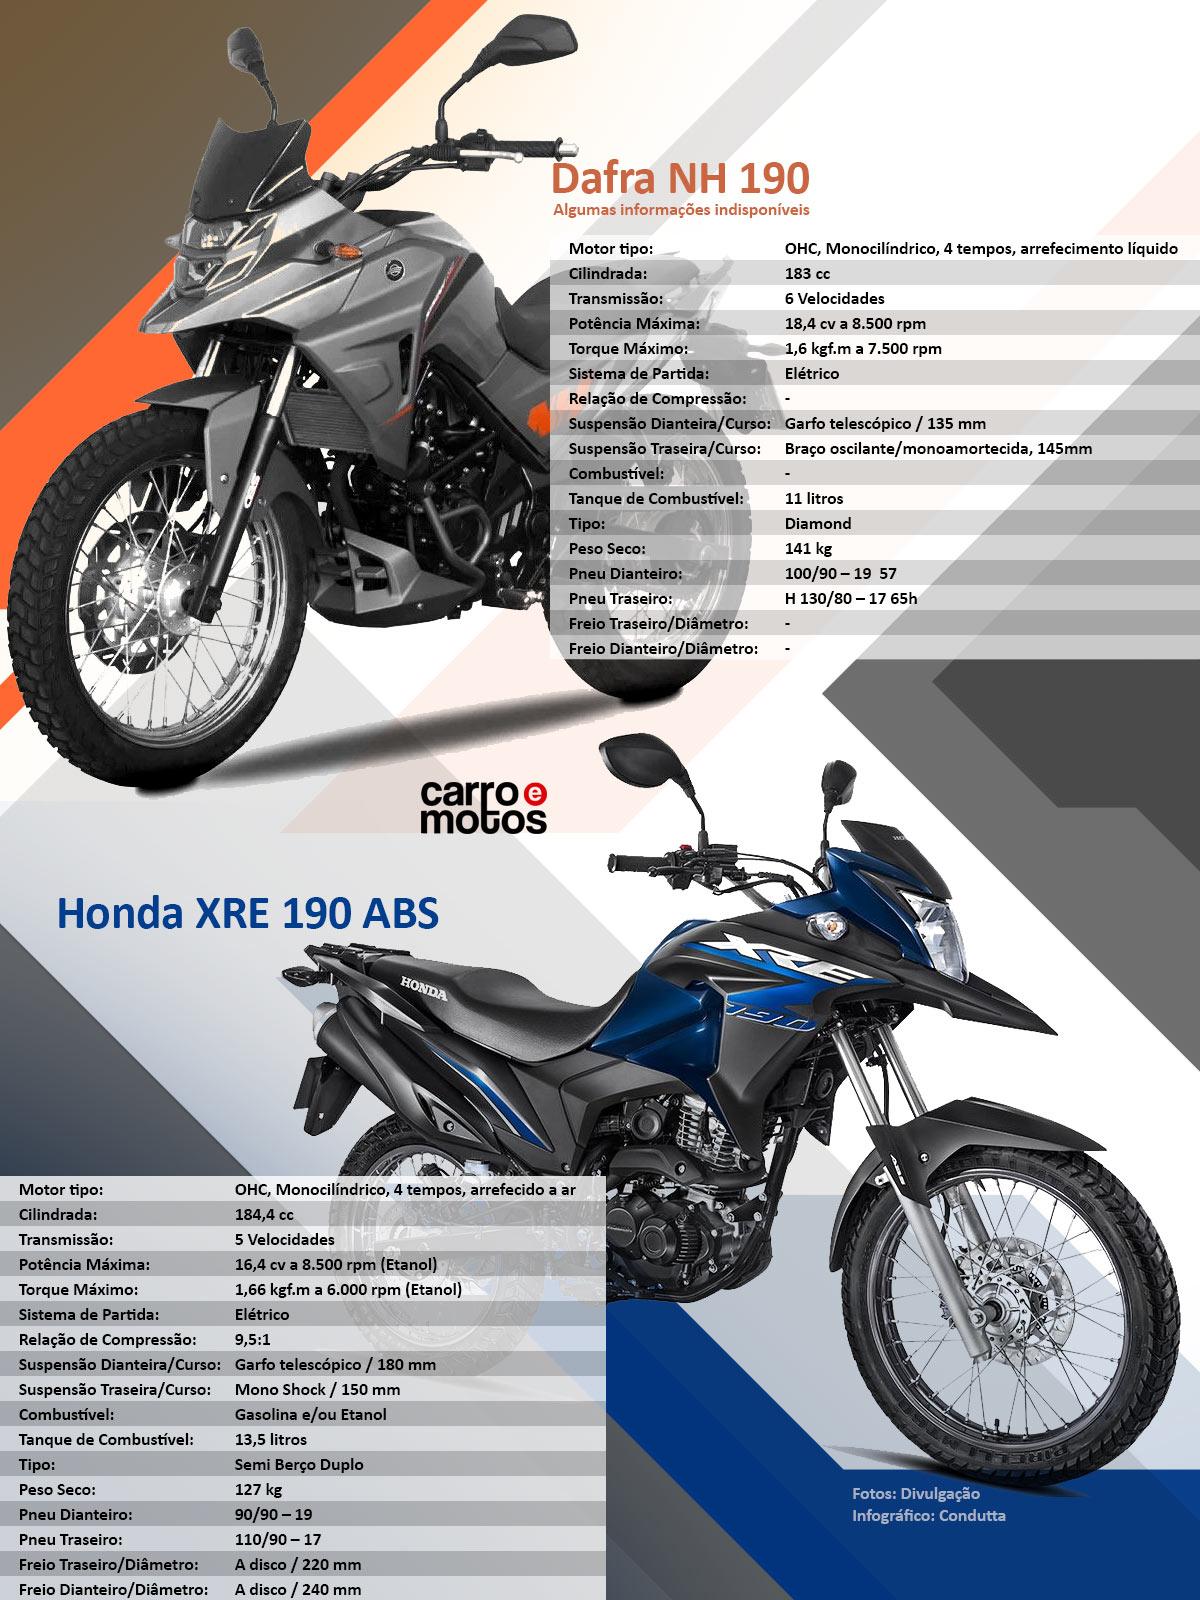 Dafra inicia a produção da NH 190 para concorrer com a Honda XRE 190